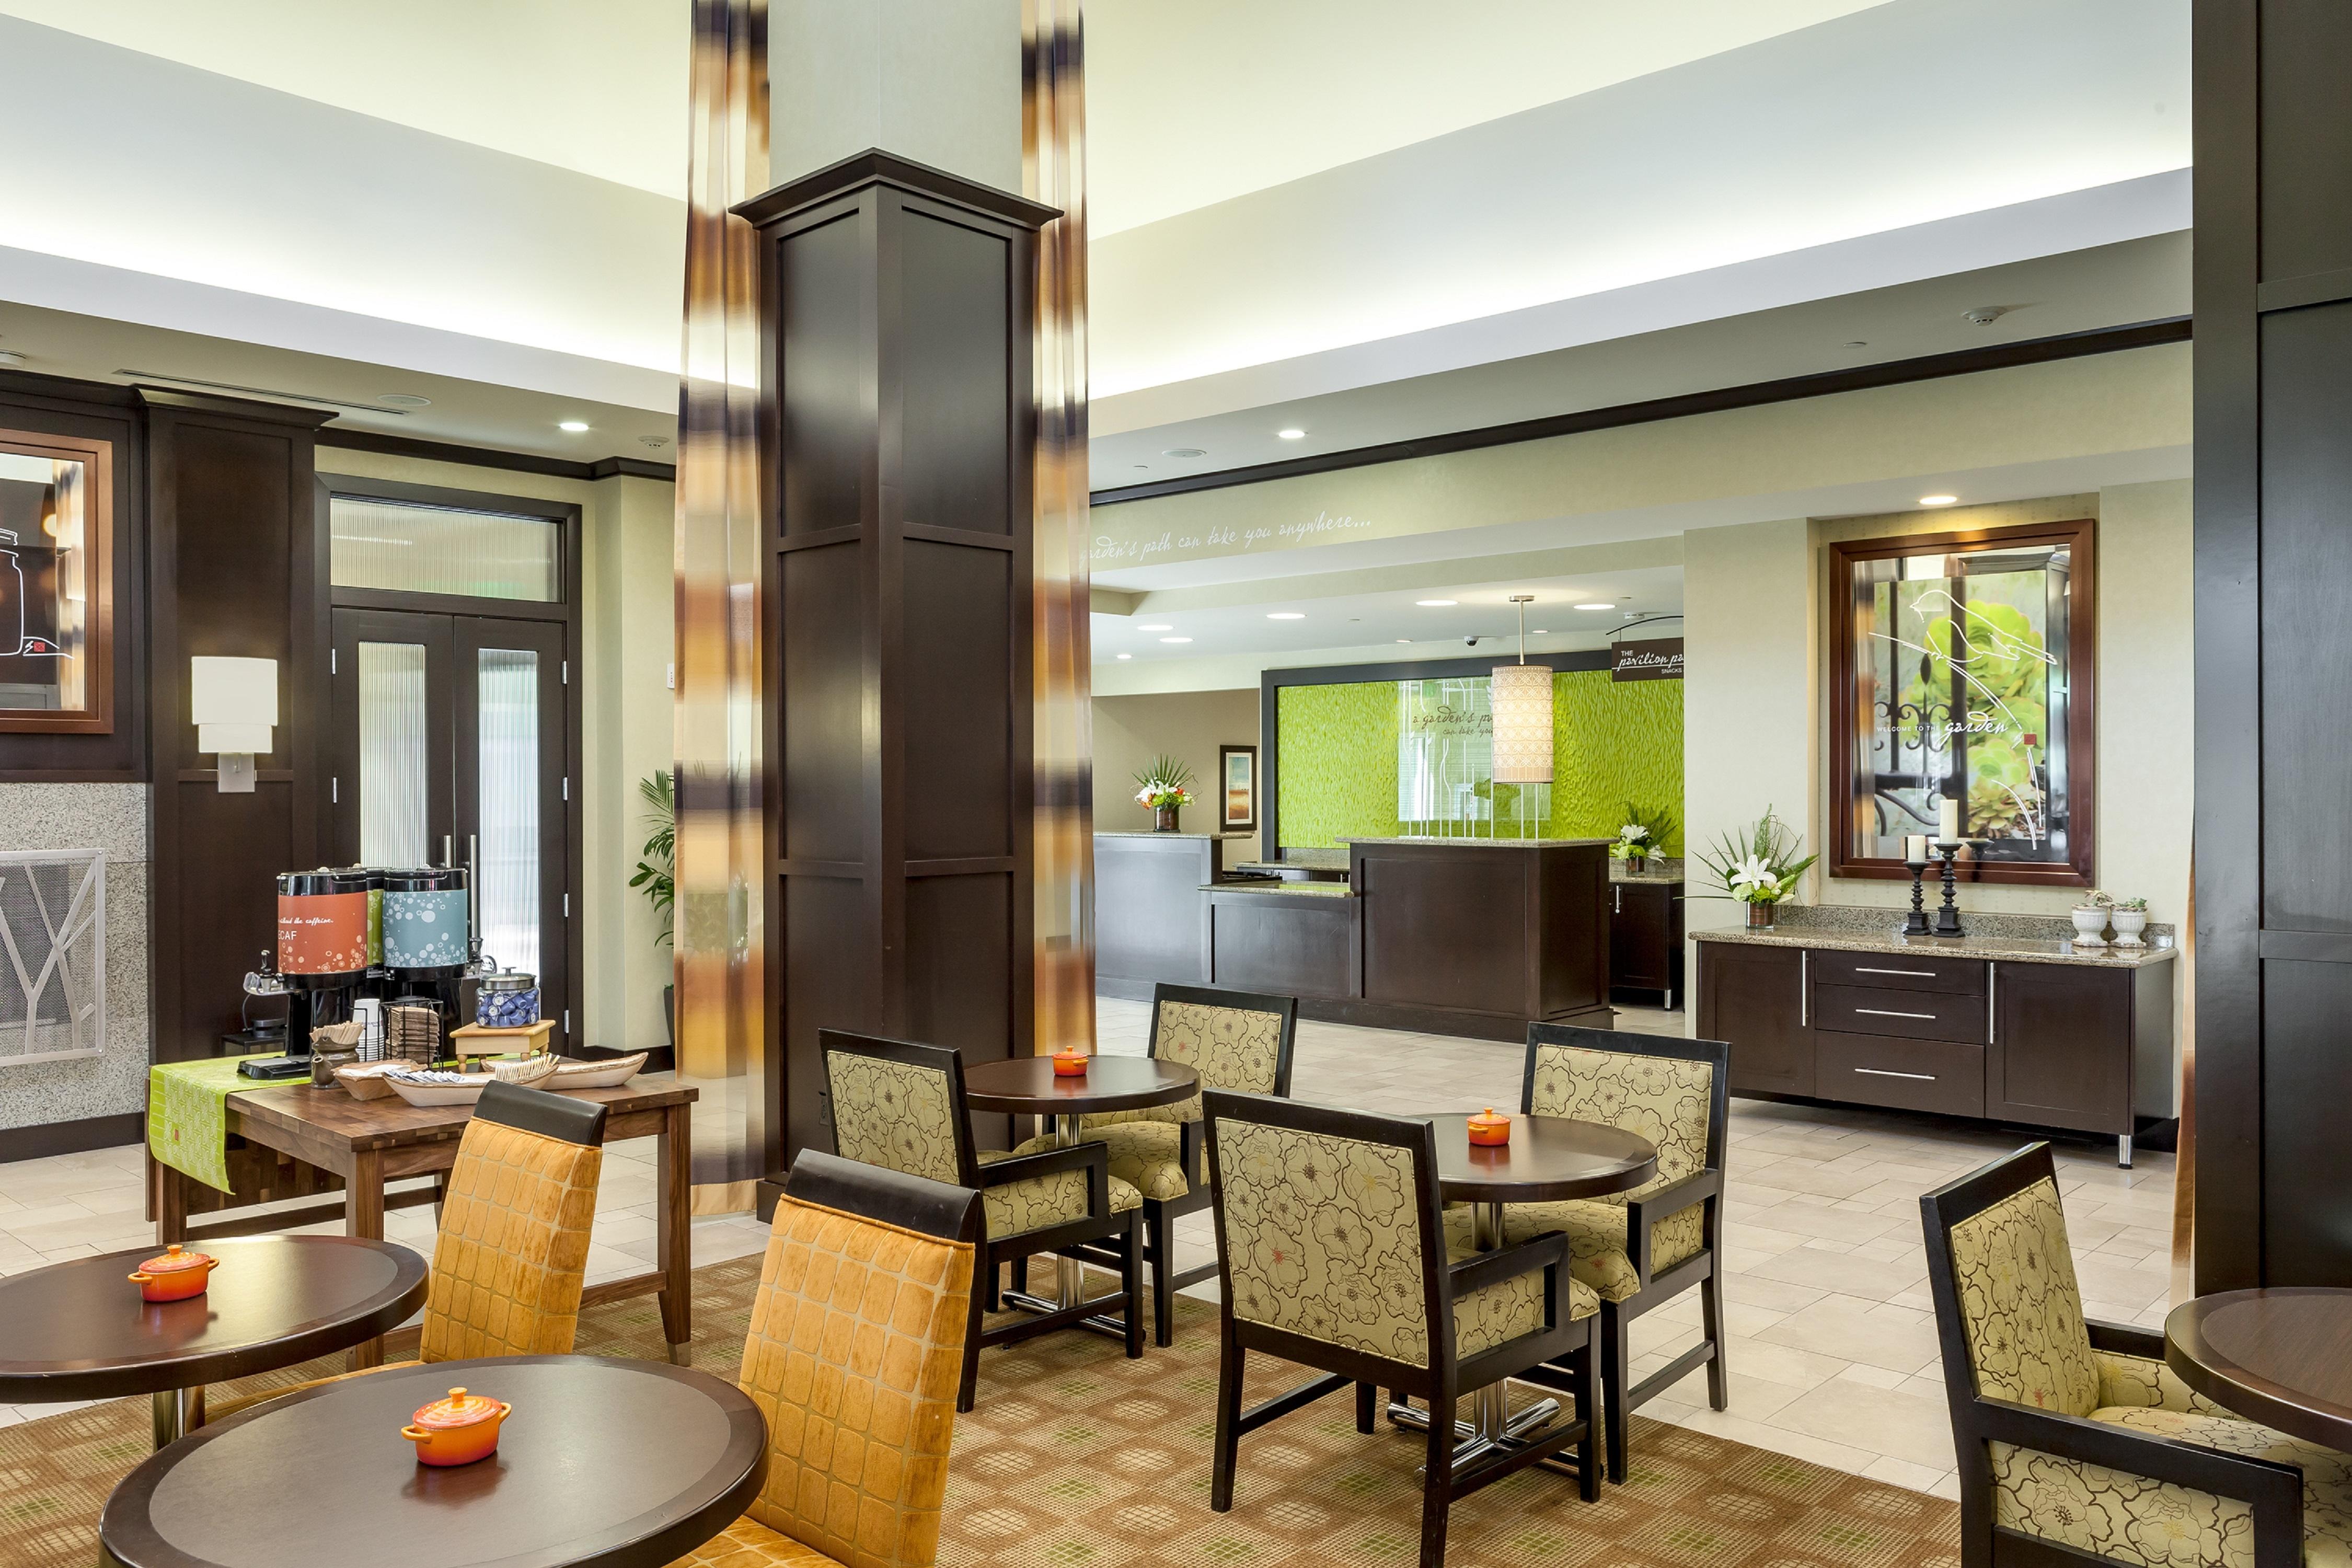 Hilton Garden Inn Seattle Bothell Wa In Bothell Wa 425 486 0